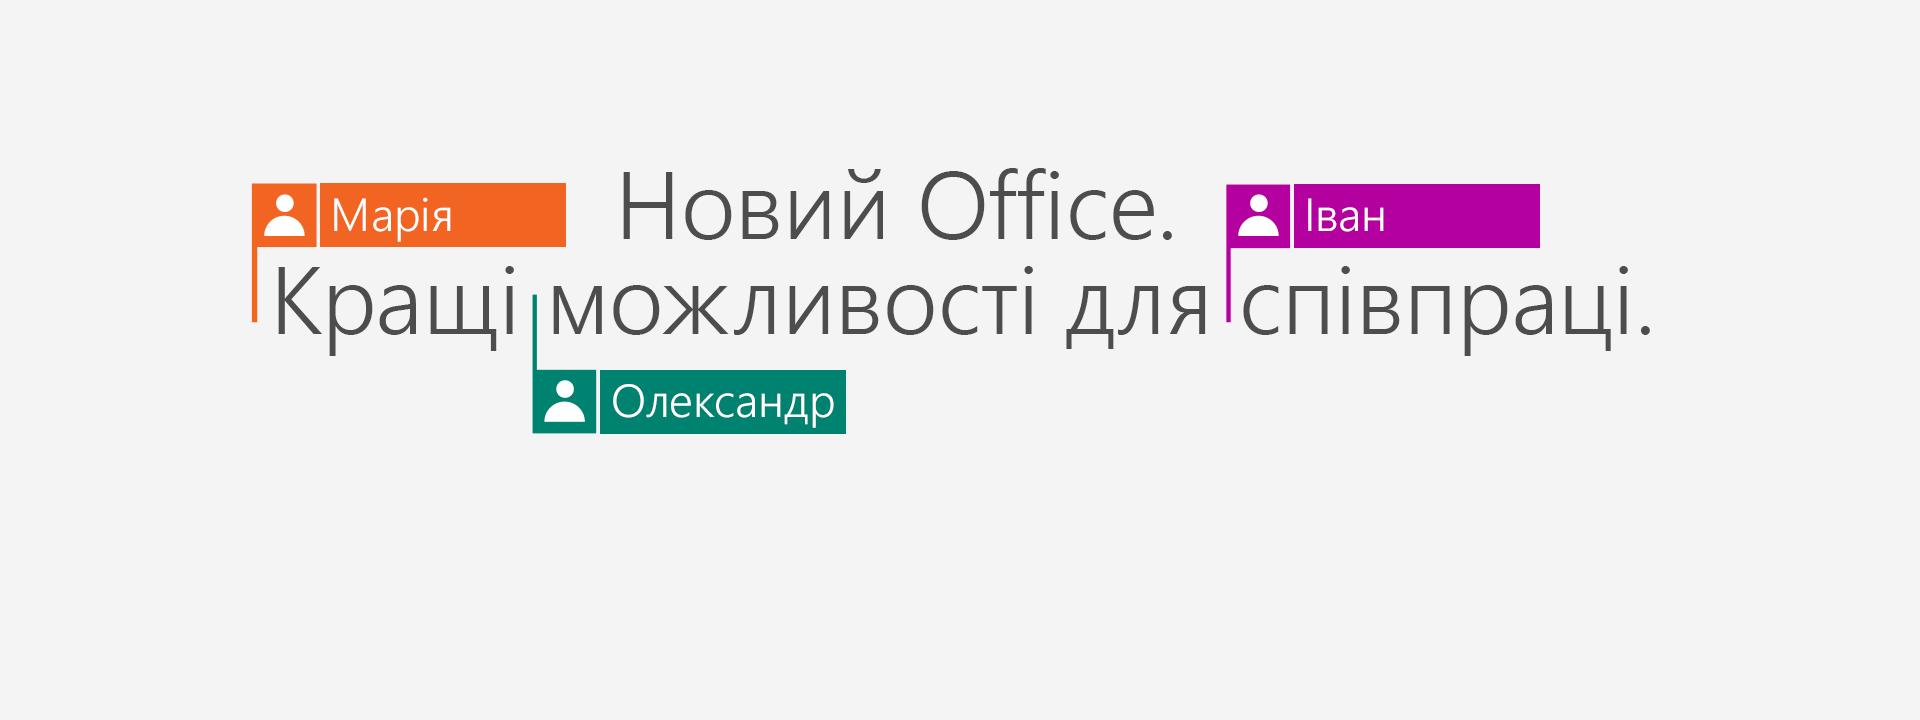 Придбайте Office365, щоб отримати нові програми з пакета 2016.